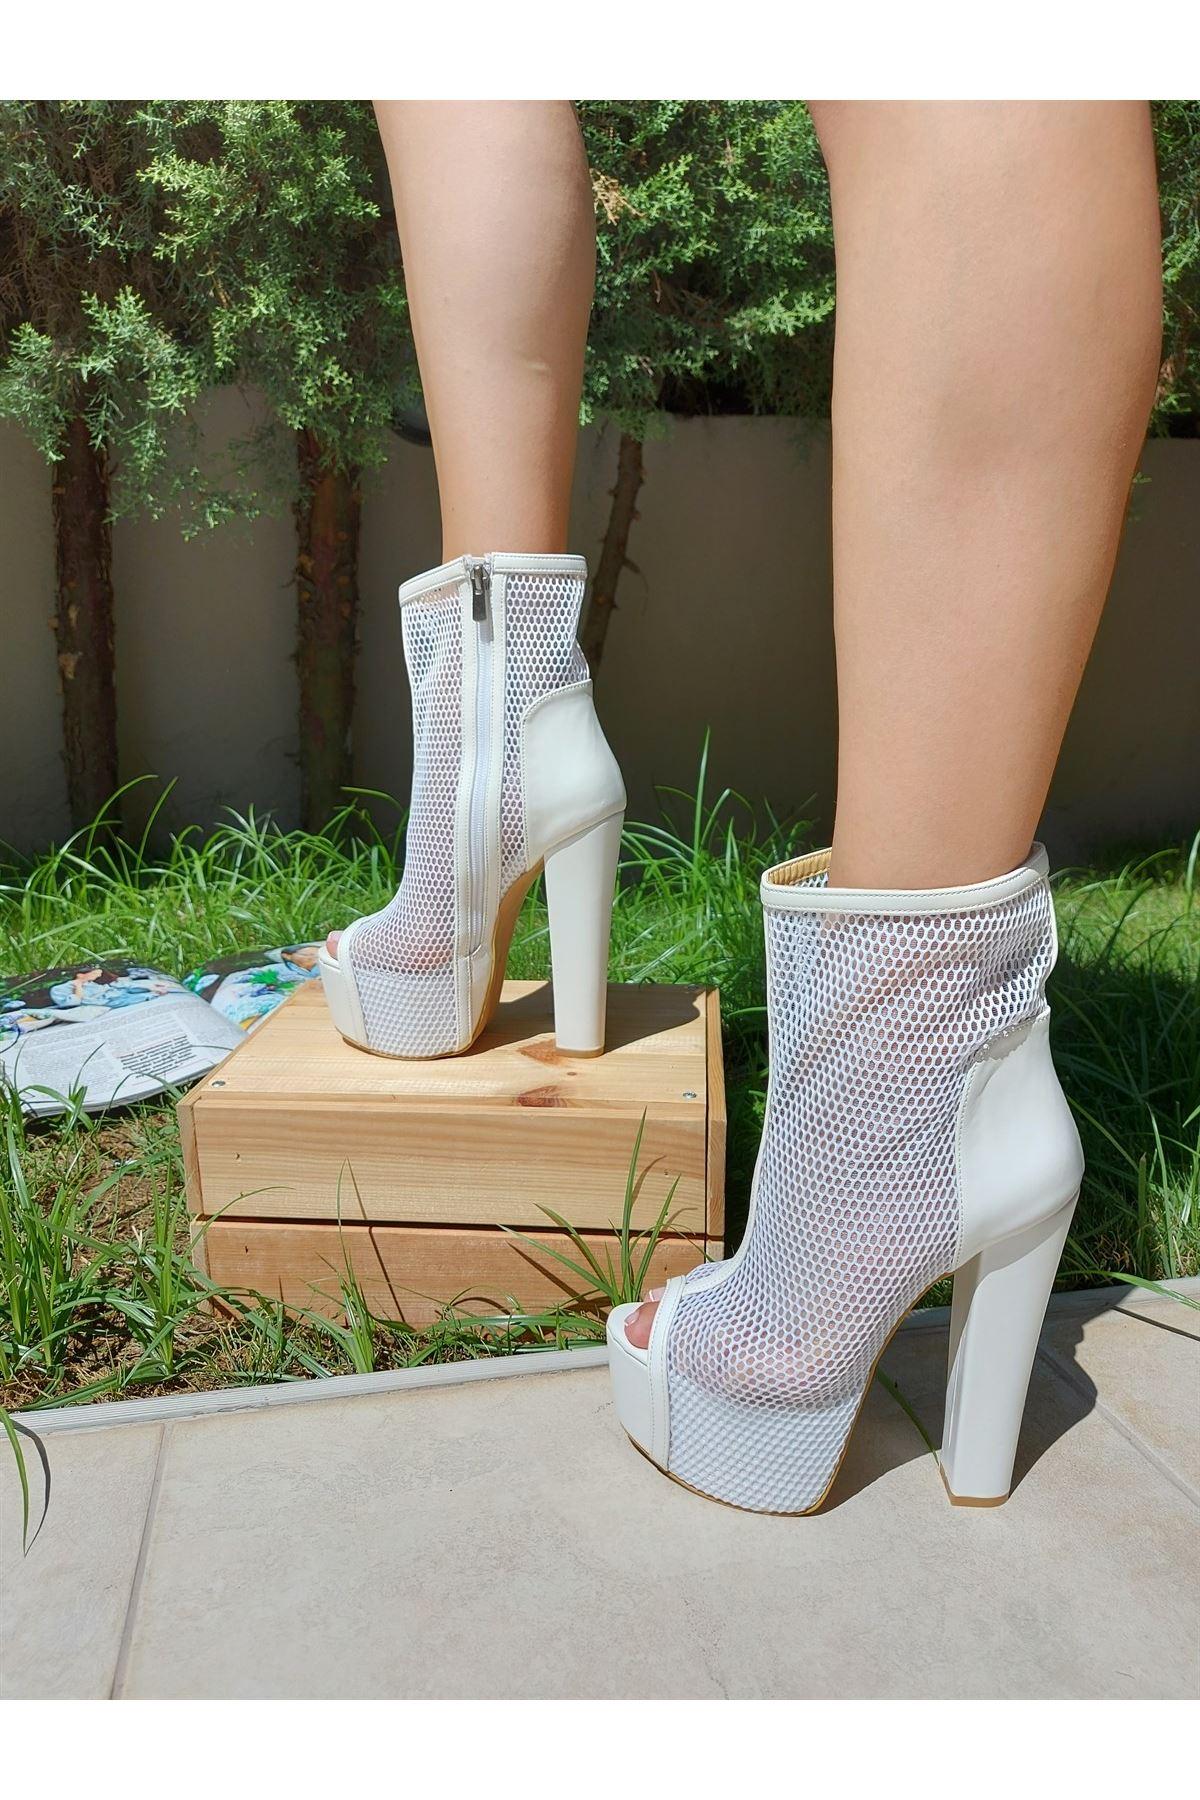 Yoko Beyaz Cilt - Beyaz Fileli Yüksek Topuklu Ayakkabı